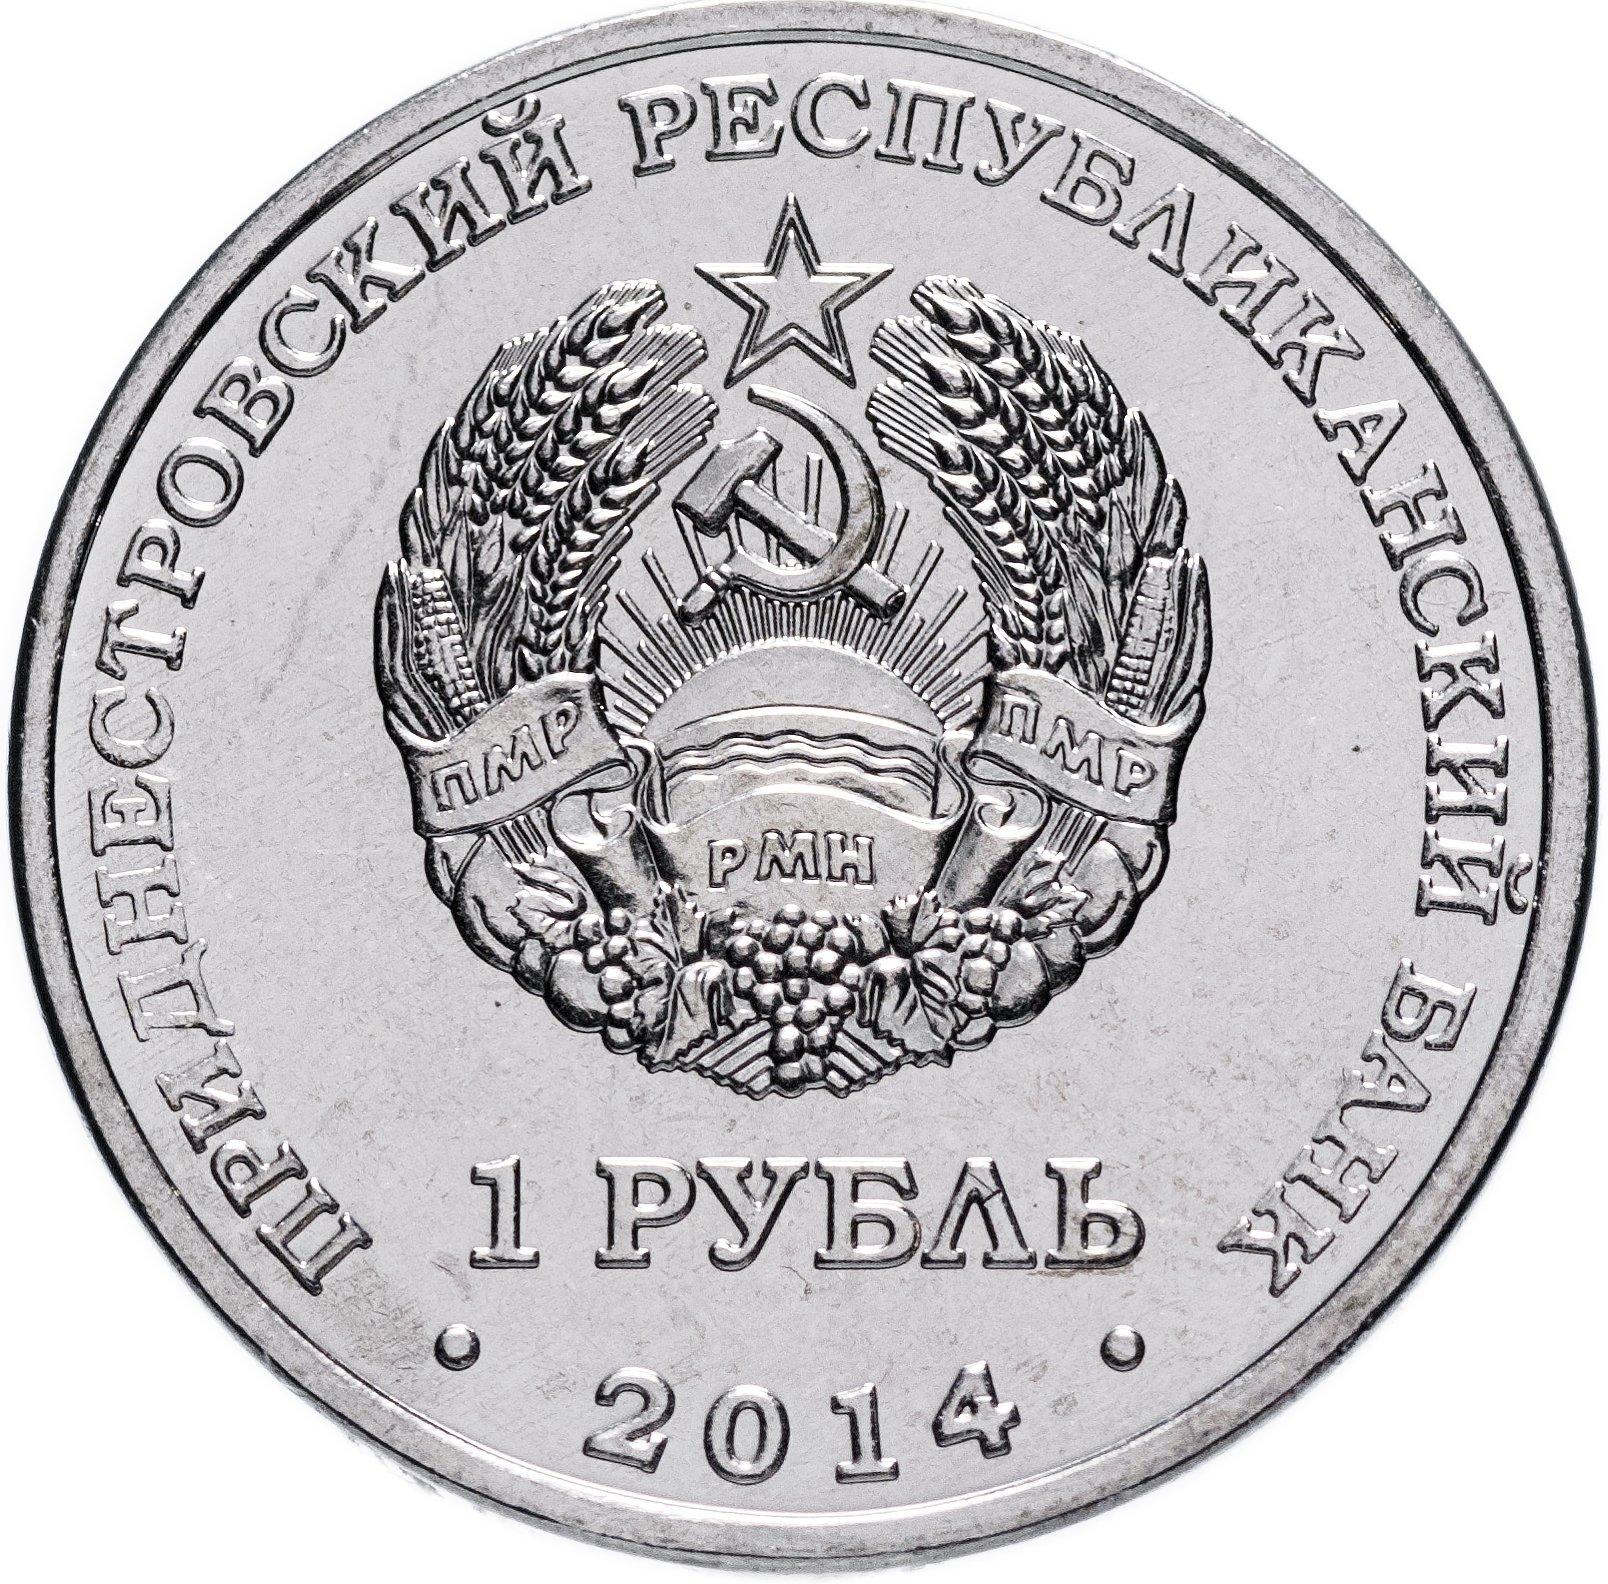 Монета пмр 1 руб 2014 суворов композитный материал монета 10 рублей 2013 волоколамск